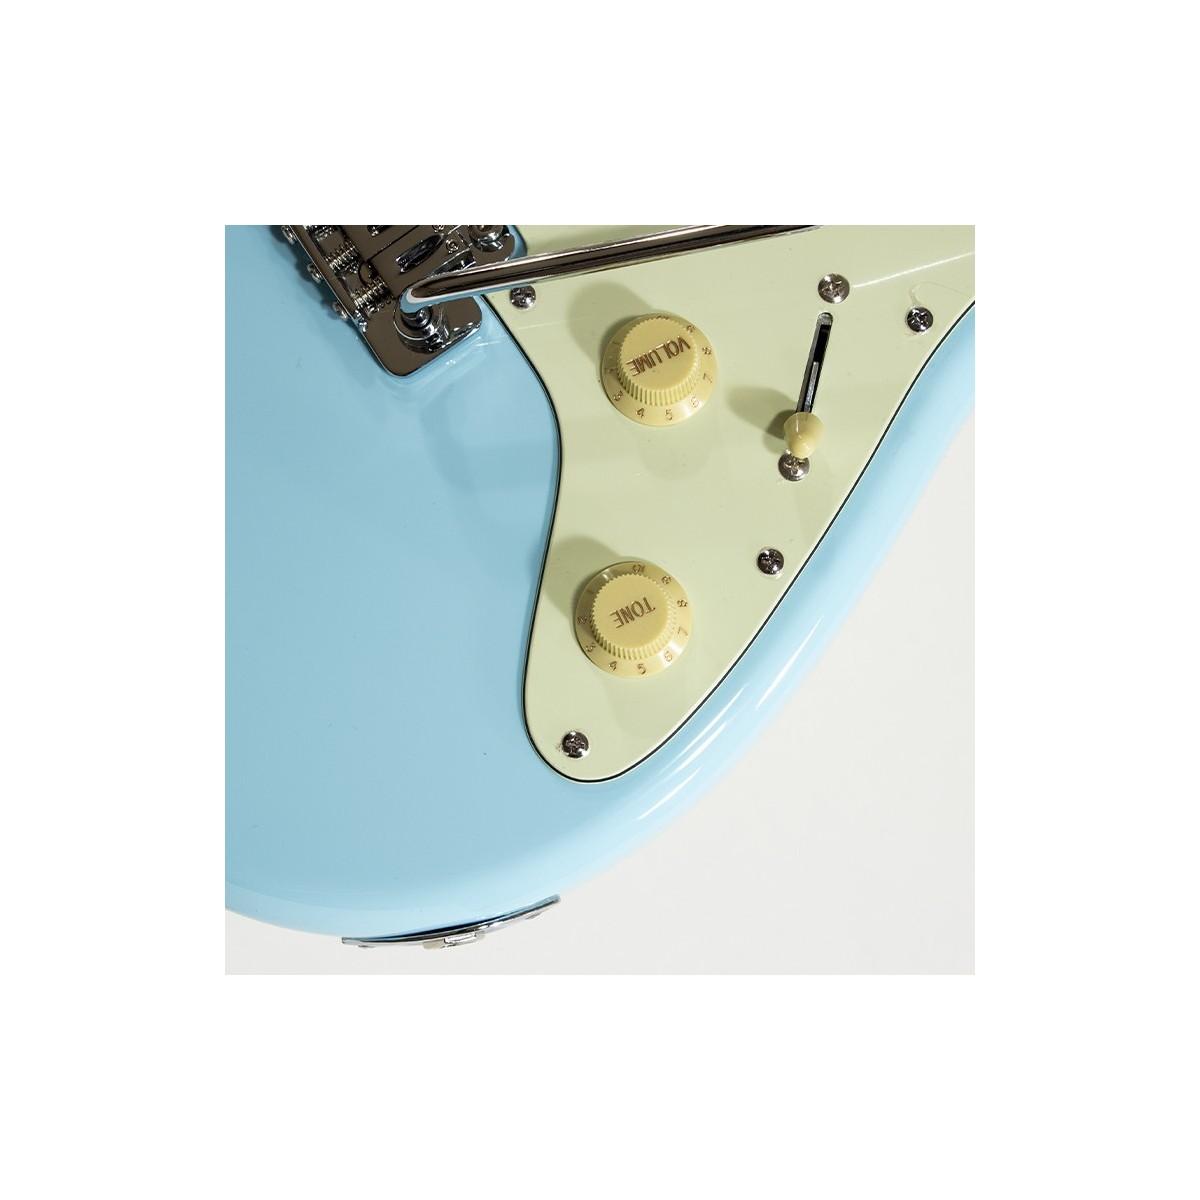 OKKO DOMINATOR MK2 BLACK